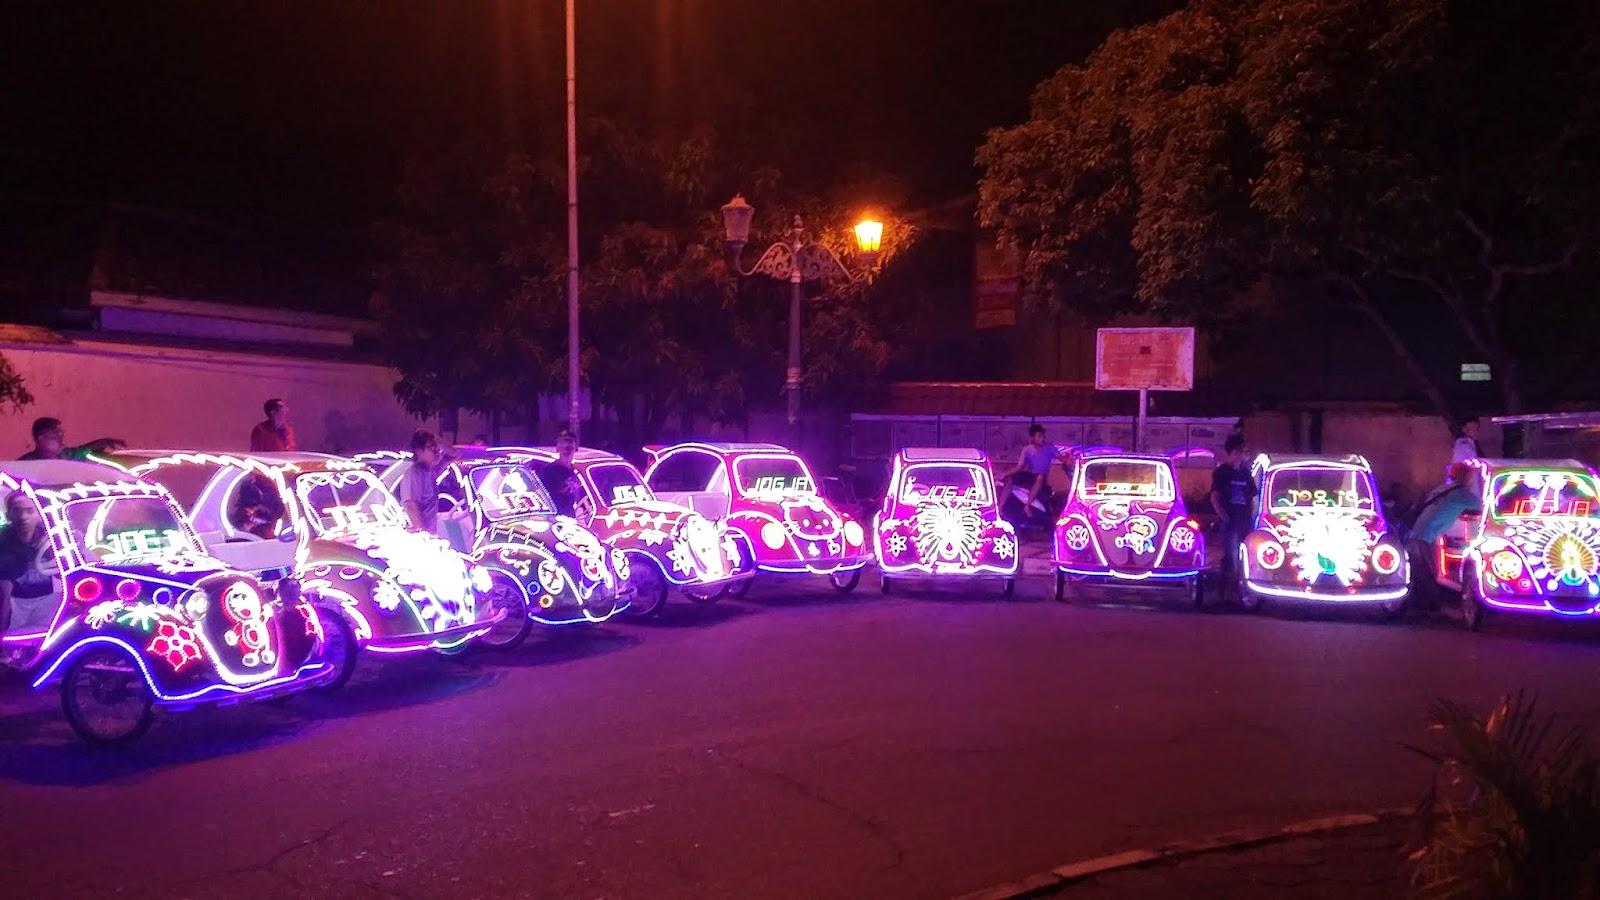 Wisata Malam Alun Kidul Yogyakarta Jejak Tak Berujung Berbagai Sepeda